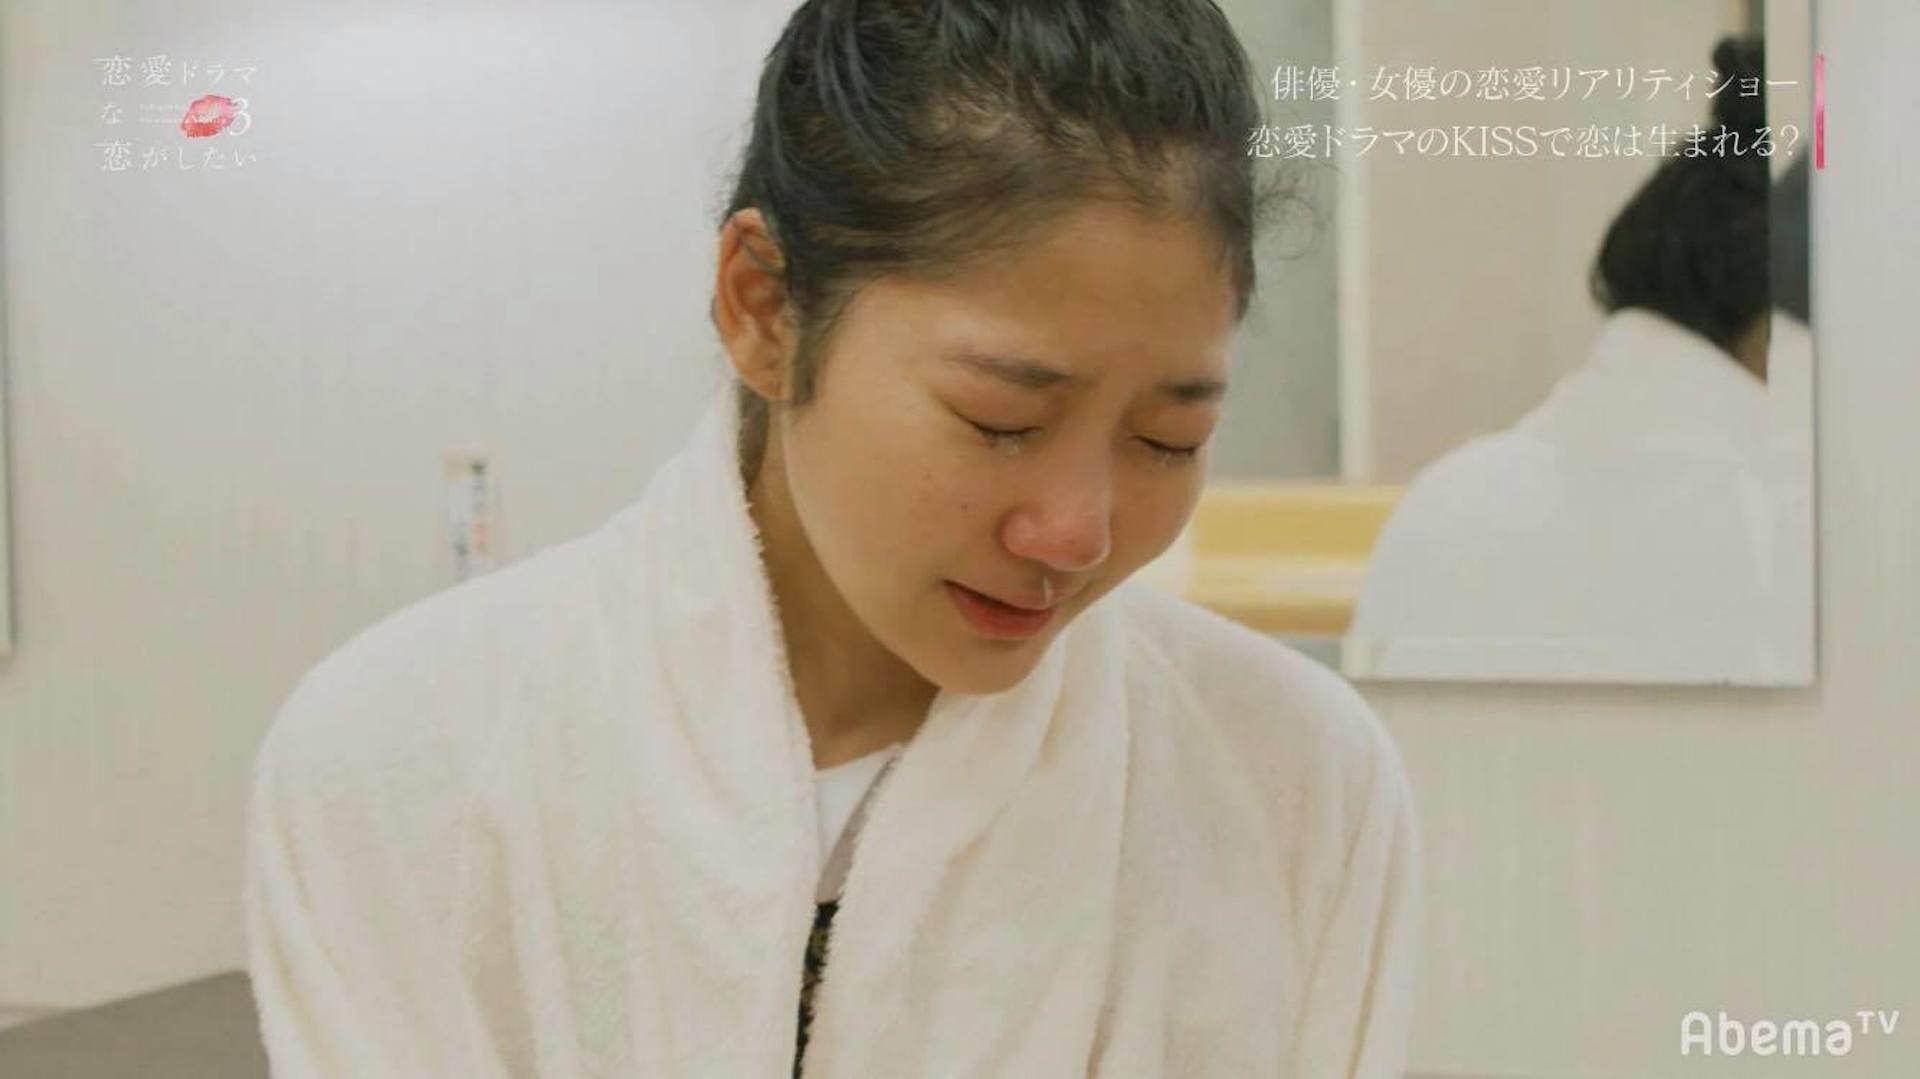 ずぶ濡れキスに渡辺直美が大興奮「このキスが1番良かった。過去1!」|AbemaTV『恋愛ドラマな恋がしたい3』配信中 video190708abematv-renai3_8-1920x1079